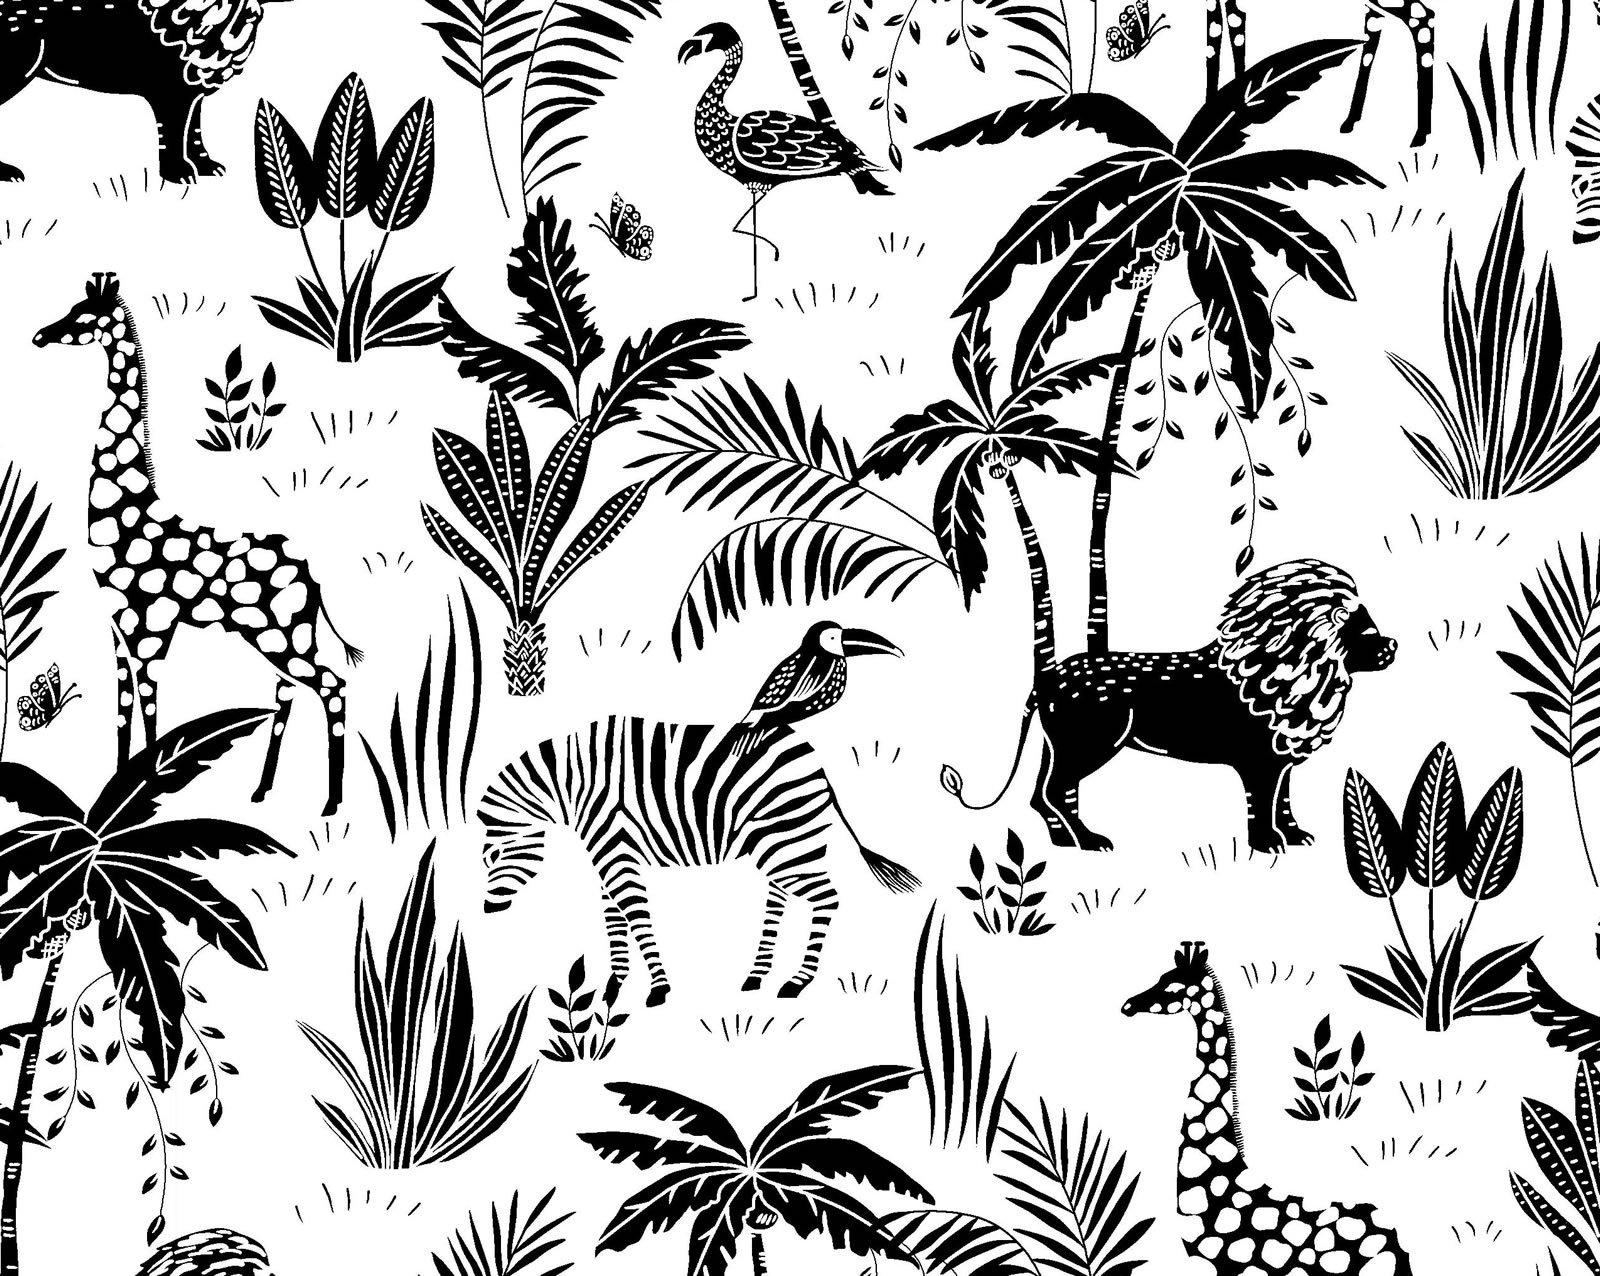 OF-Fun Flannels (2) 44-3261 Black & White - Jungle